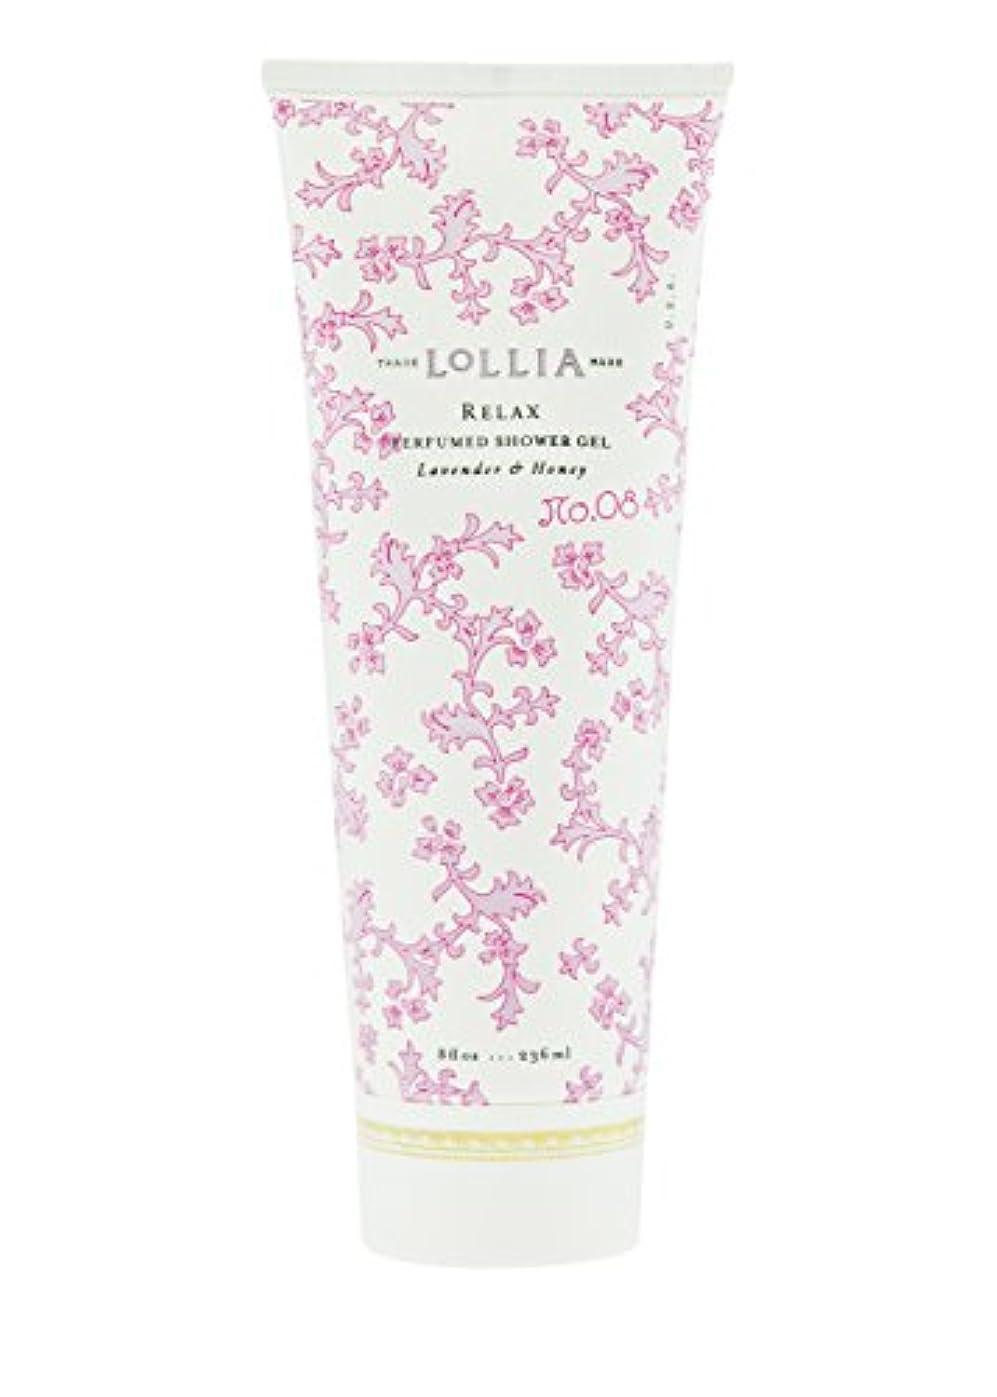 マーカー恥ずかしいけがをするロリア(LoLLIA) パフュームドシャワージェル Relax 236ml(全身用洗浄料 ボディーソープ ホワイトオーキッド、タヒチアンバニラ、ハチミツ、アンバーの香り)